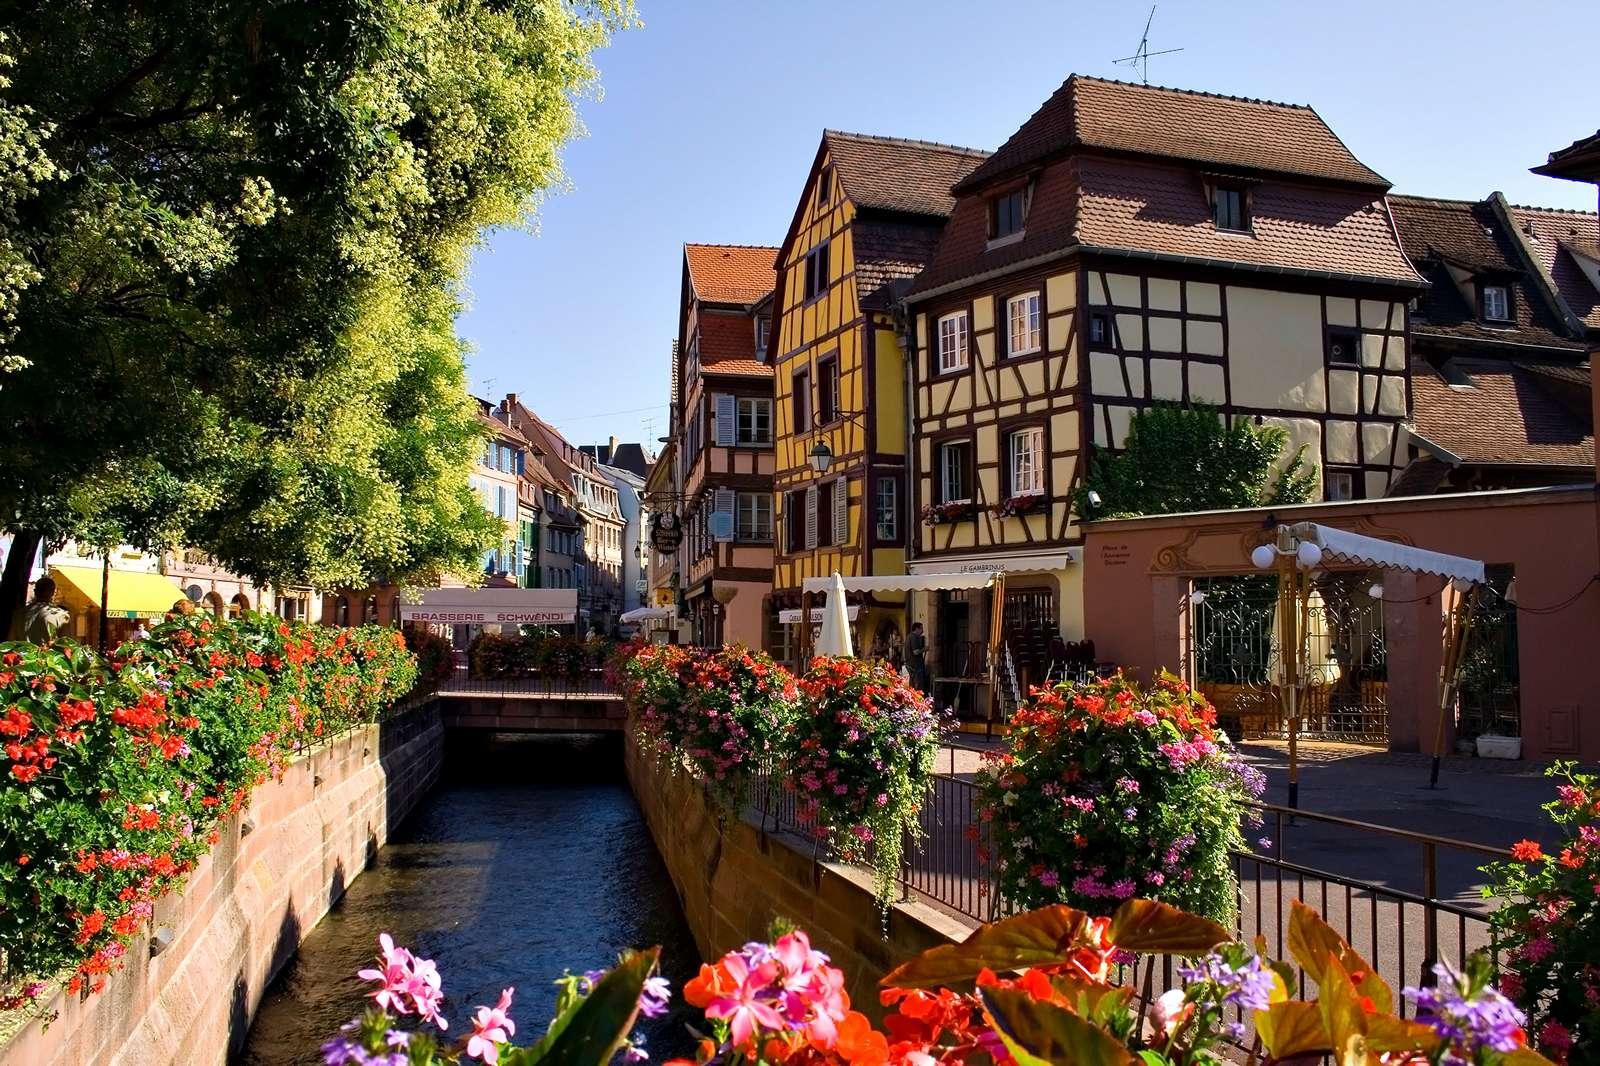 Красивые_дома_Эльзас_Франция_улицы_Франции